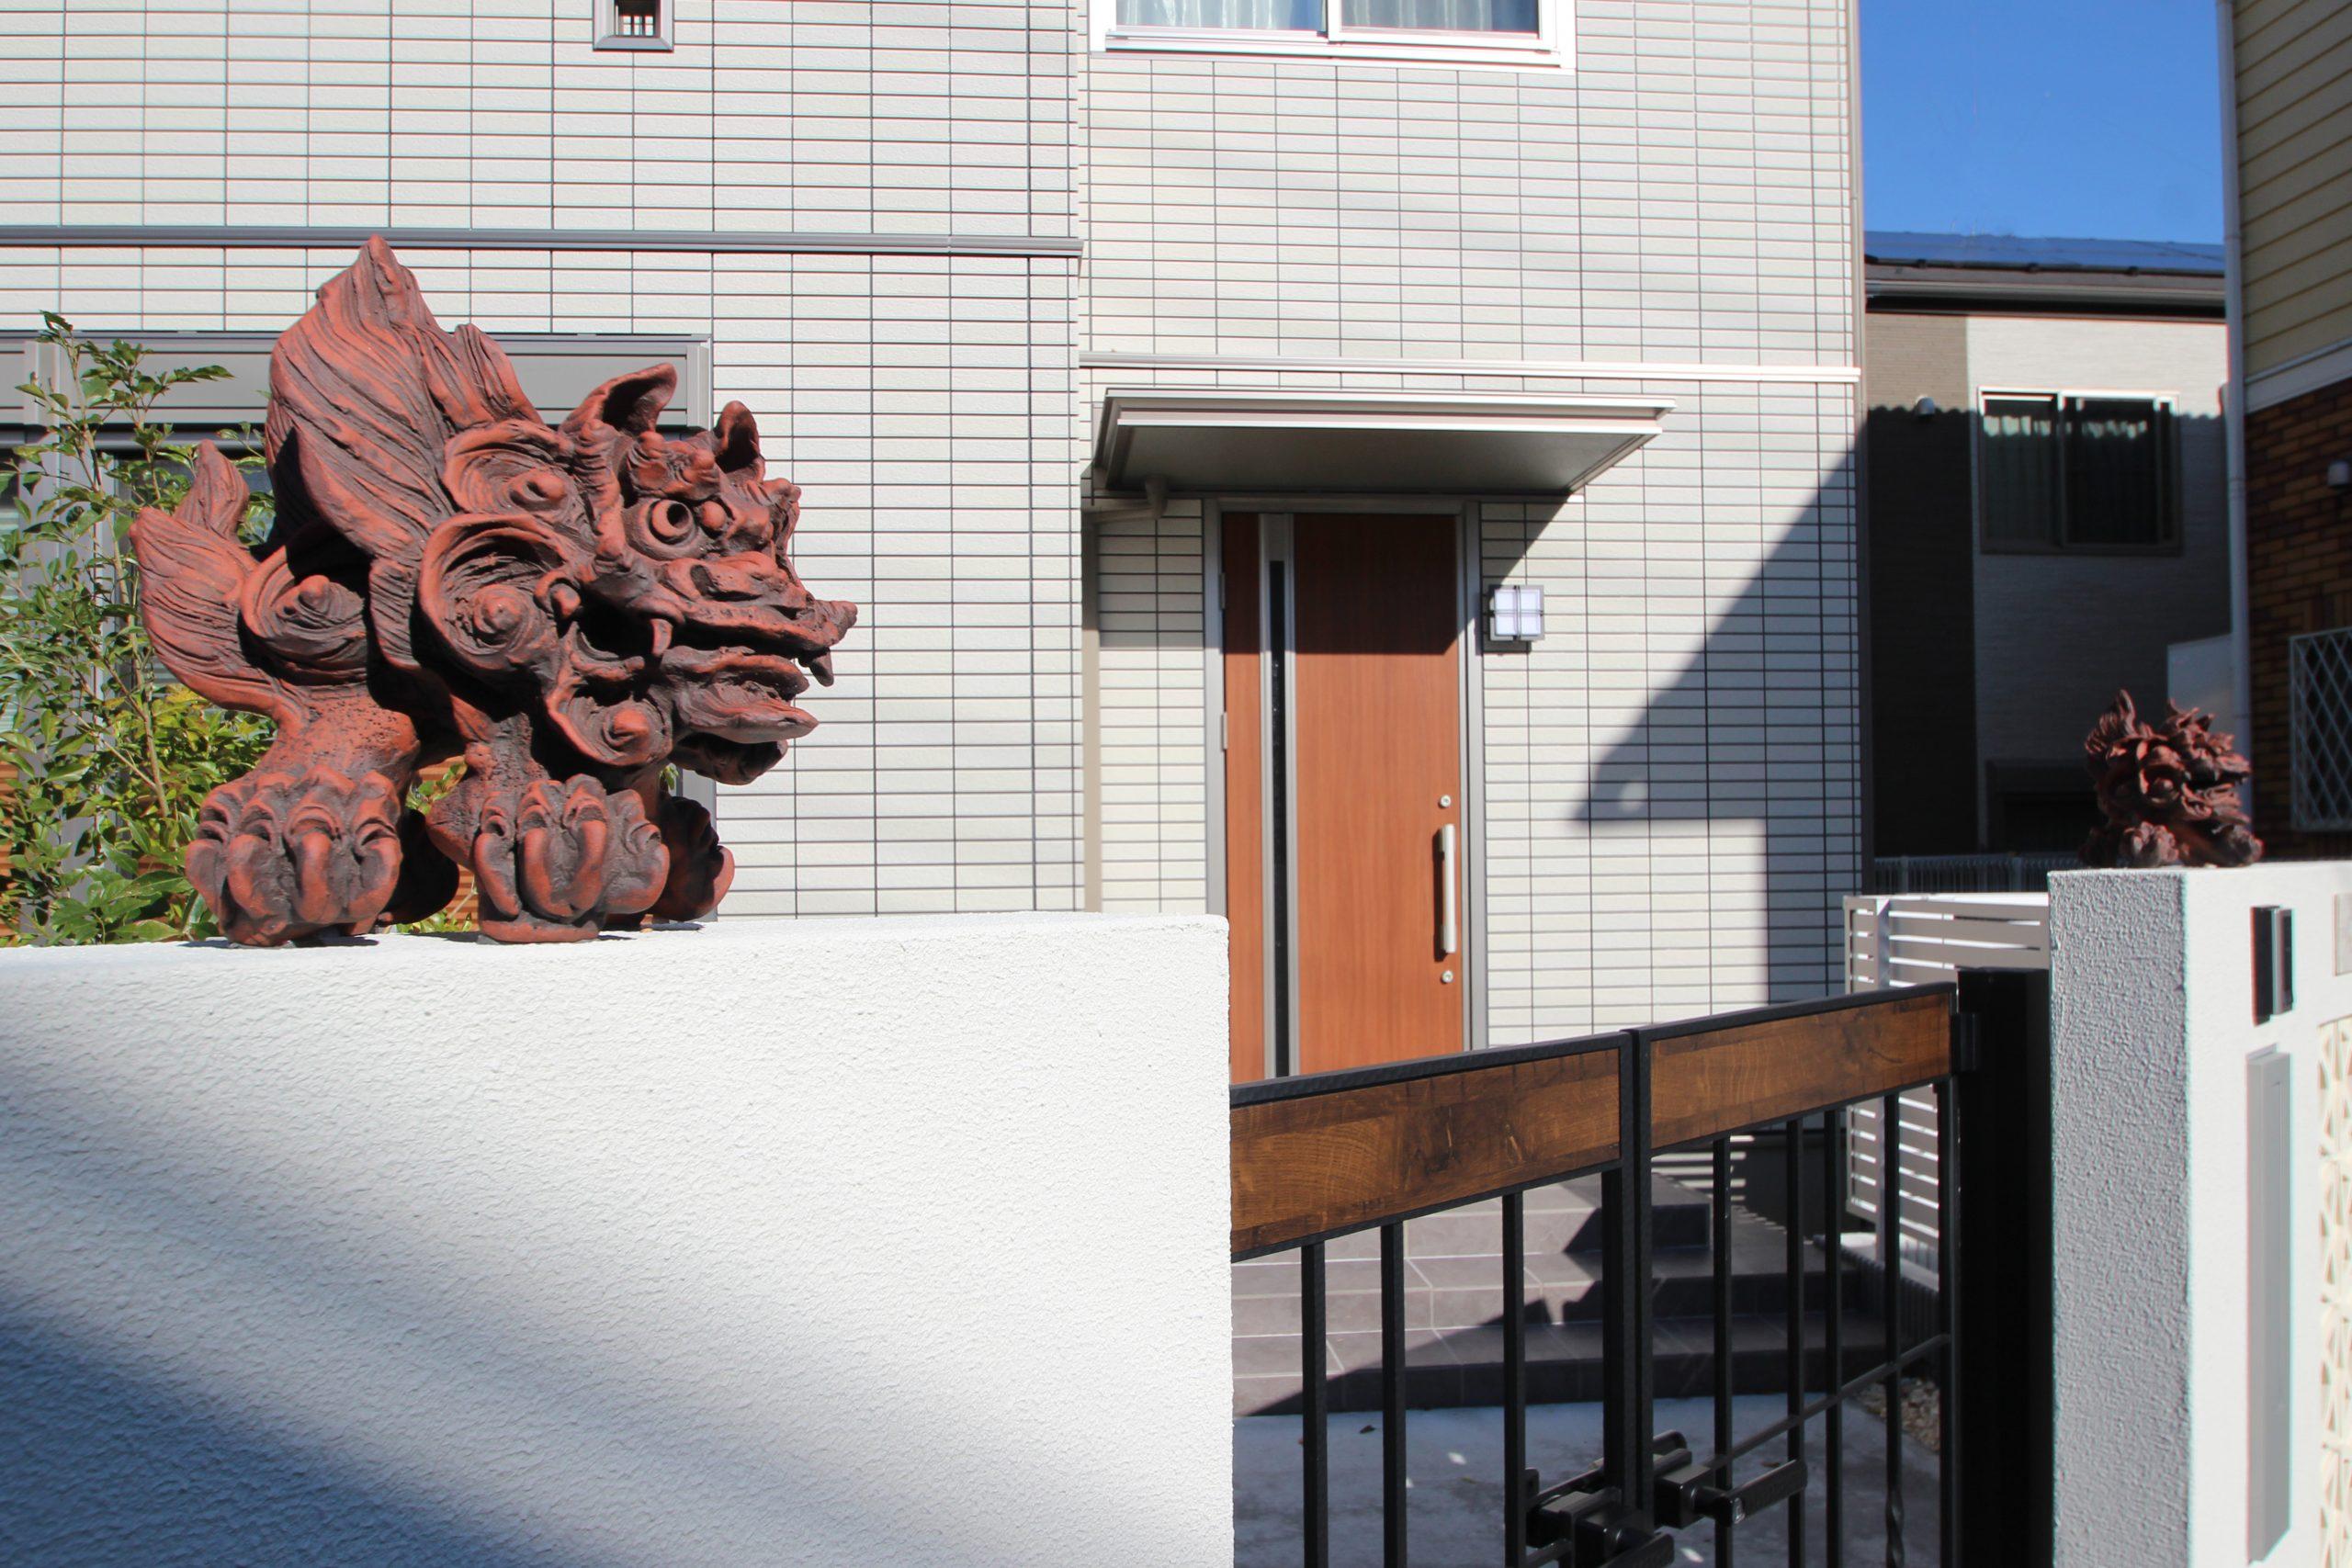 千葉市。<br>オリエンタルなリゾートテイスト。<br>自然石でデザインした門廻り。8